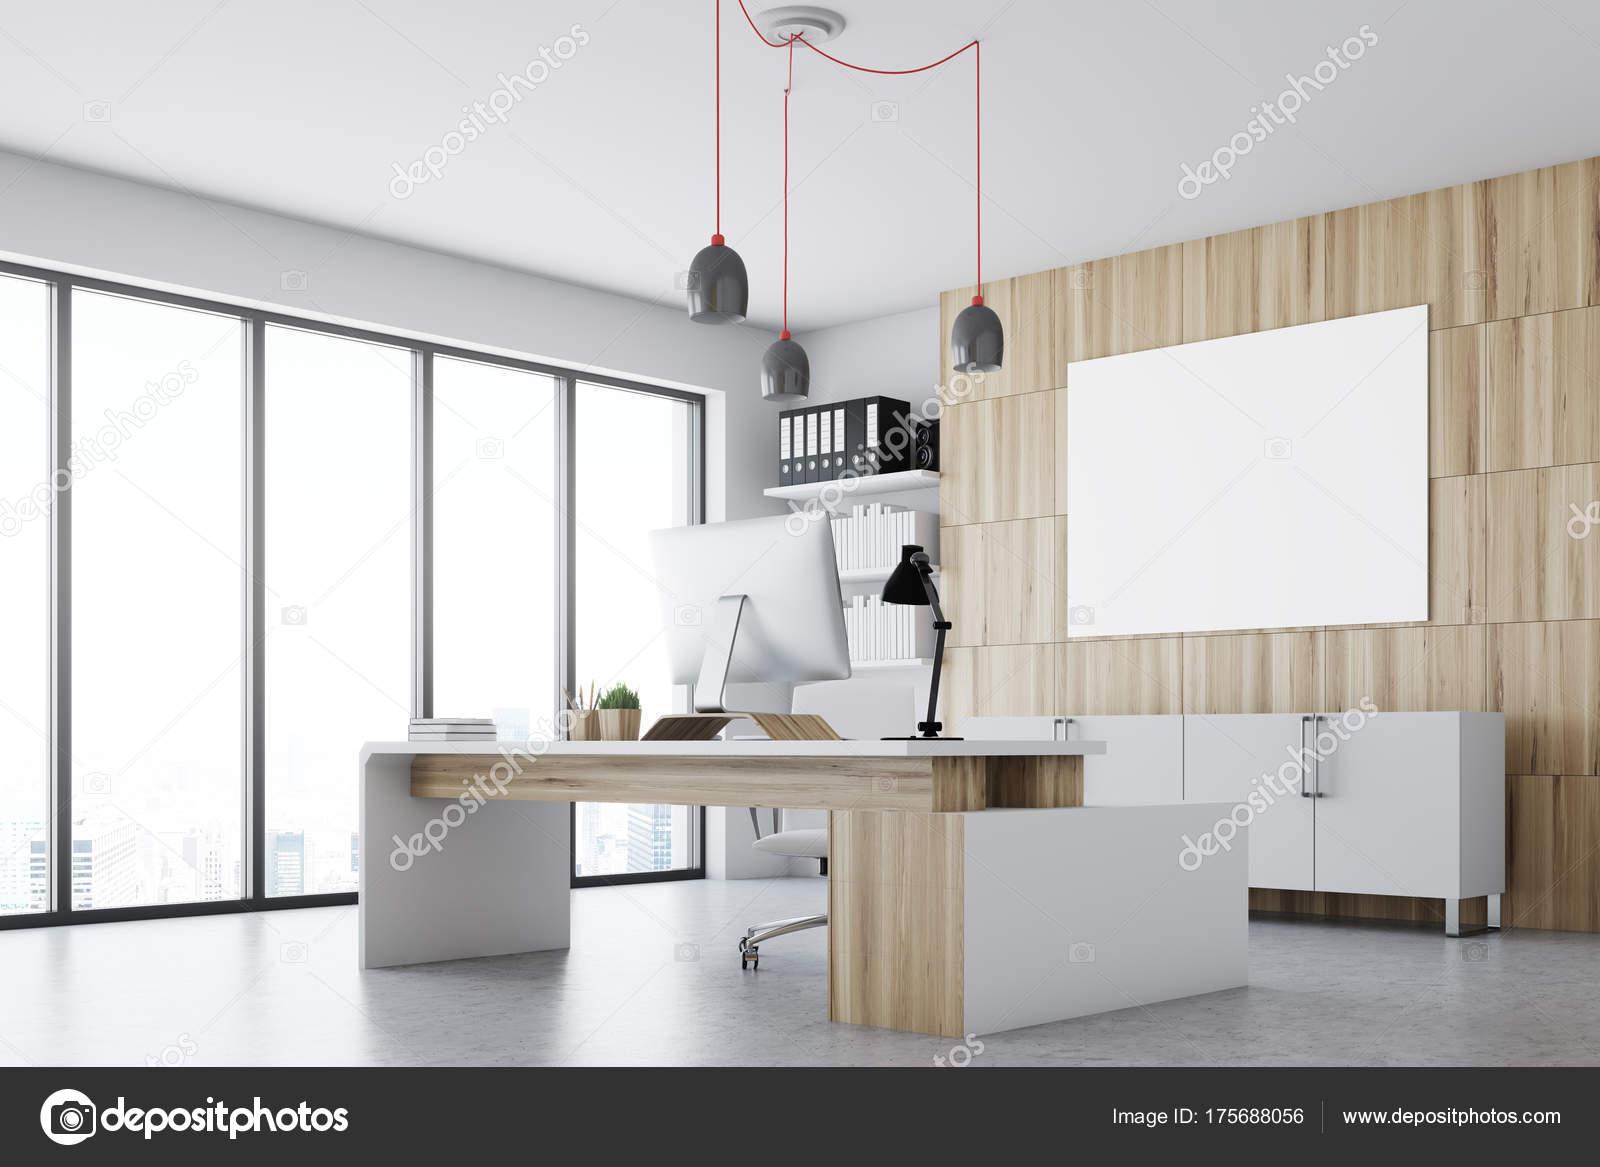 Ufficio Bianco E Legno : Angolo bianco e legno ceo office poster u foto stock